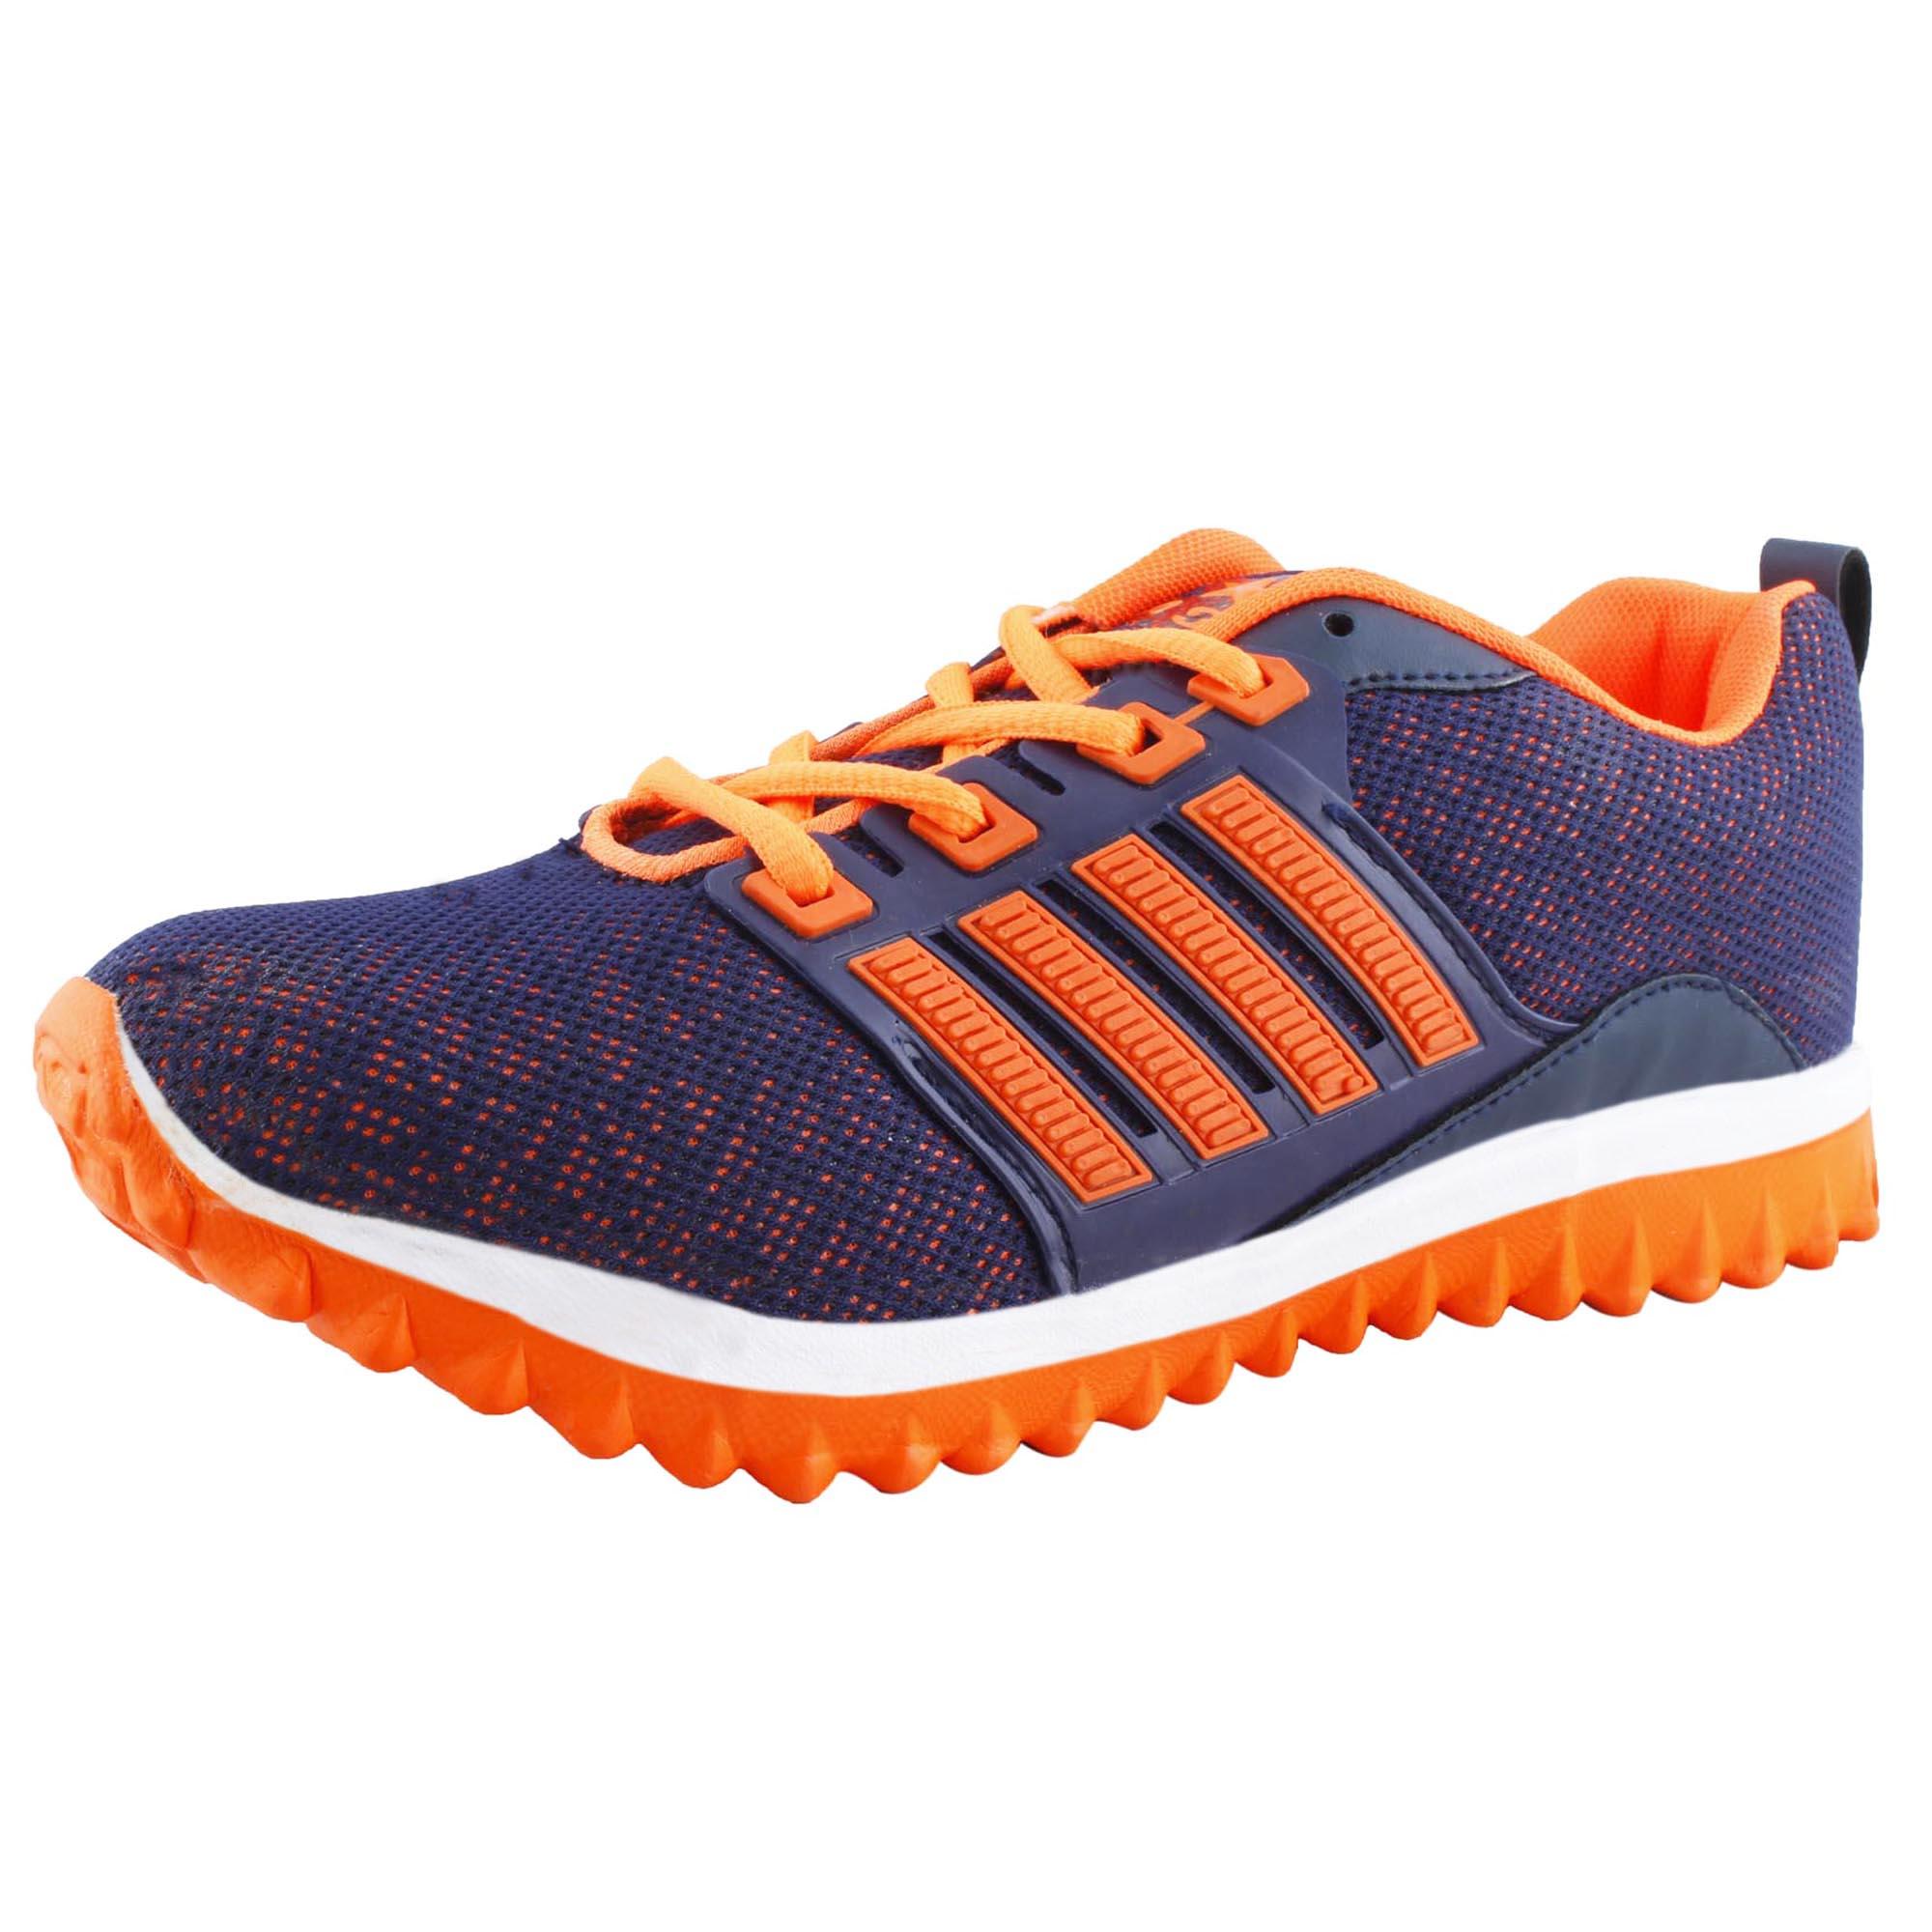 delhibazzar2 A-stars Lds-052 Running Shoes For Women (orange)